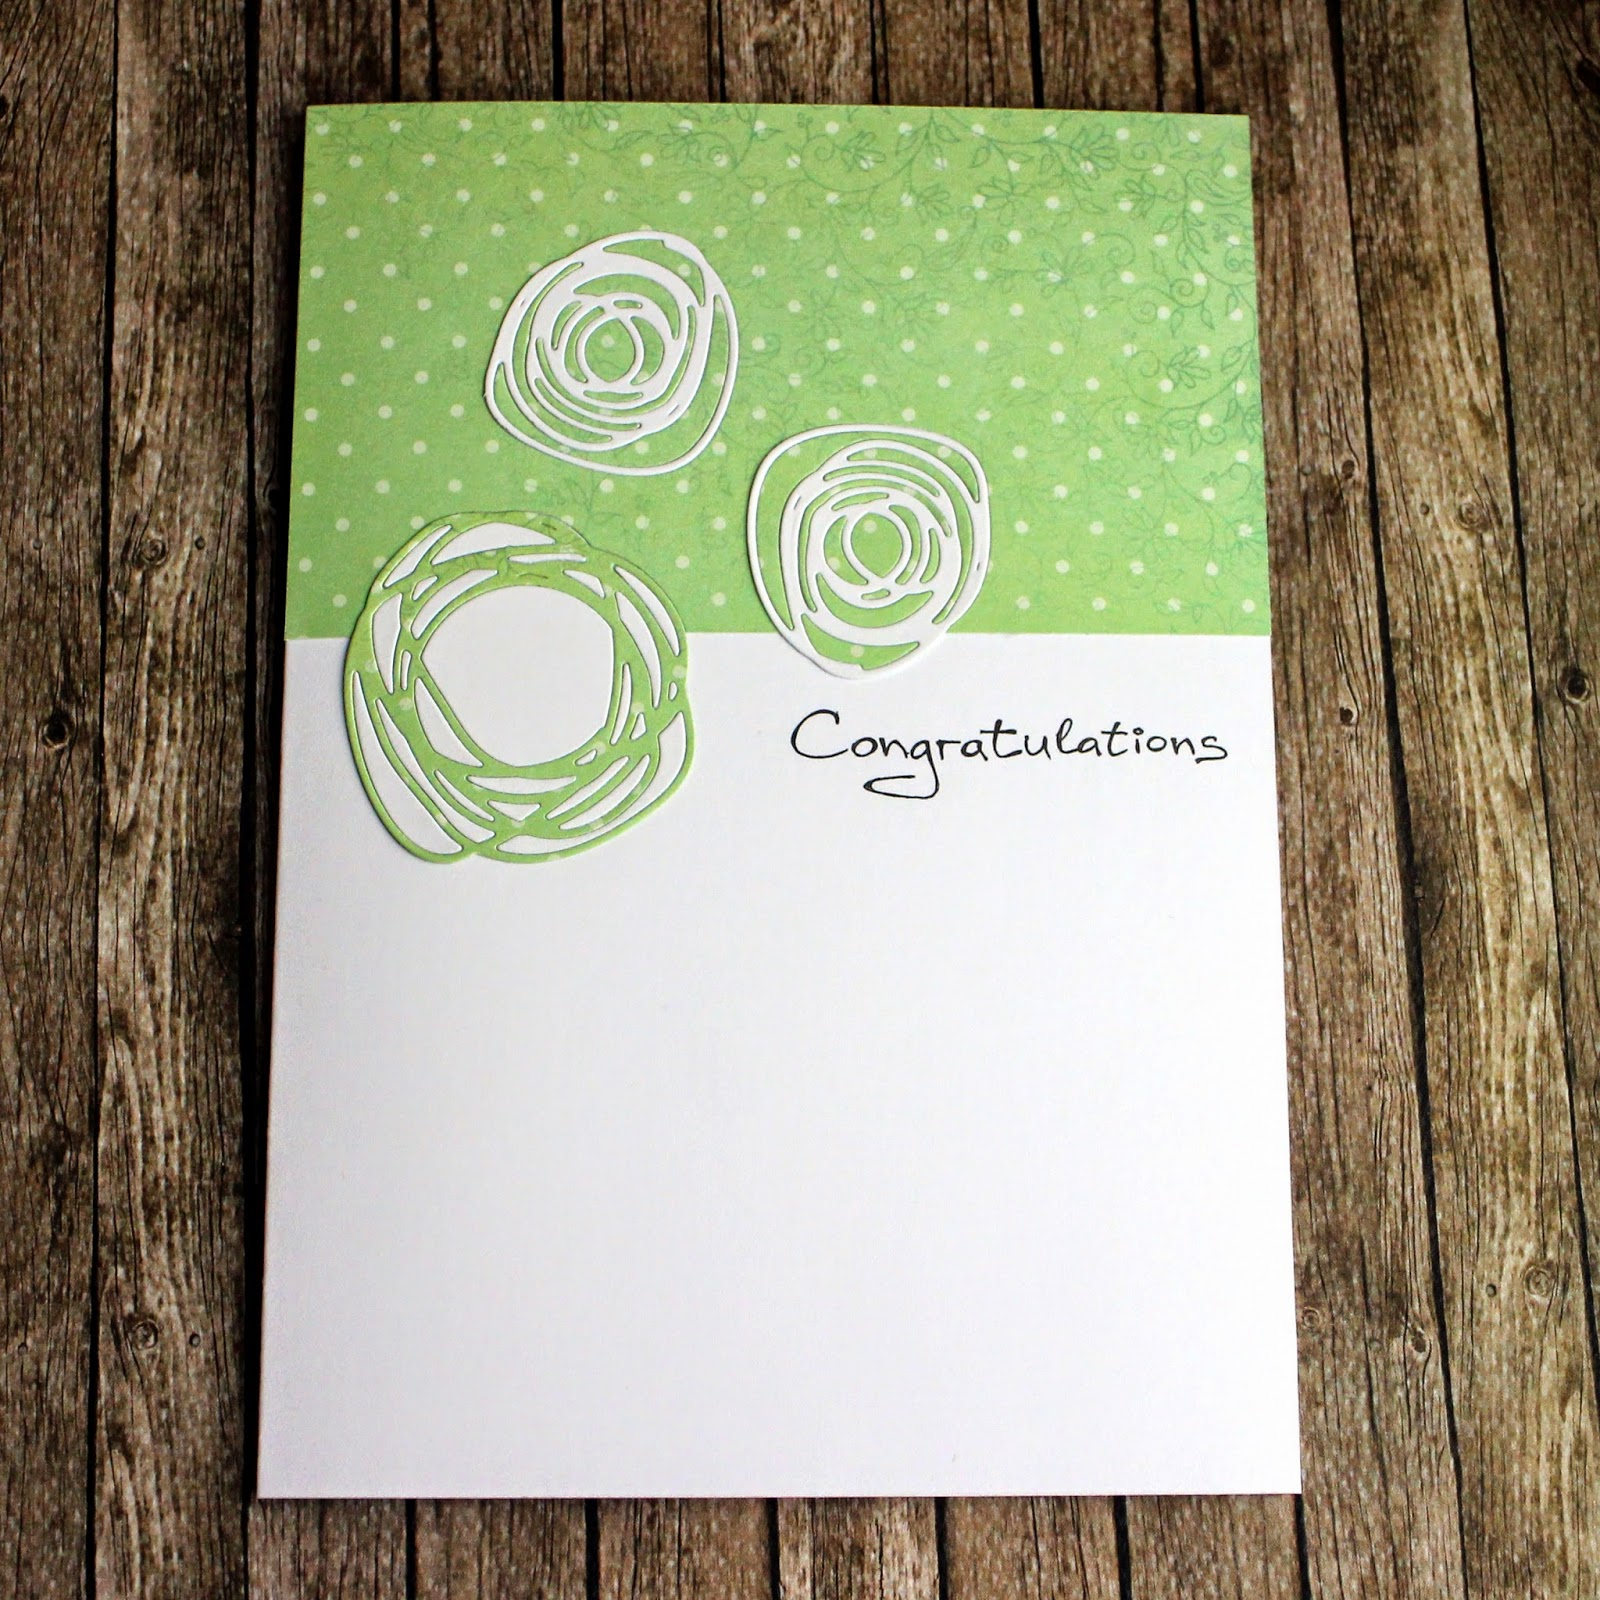 Поздравительная открытка в стиле чисто и просто кас скрапбукинг scrapbooking congratulations cas card clean and simple style circle scribbles PTI handmade by hamster-sensey